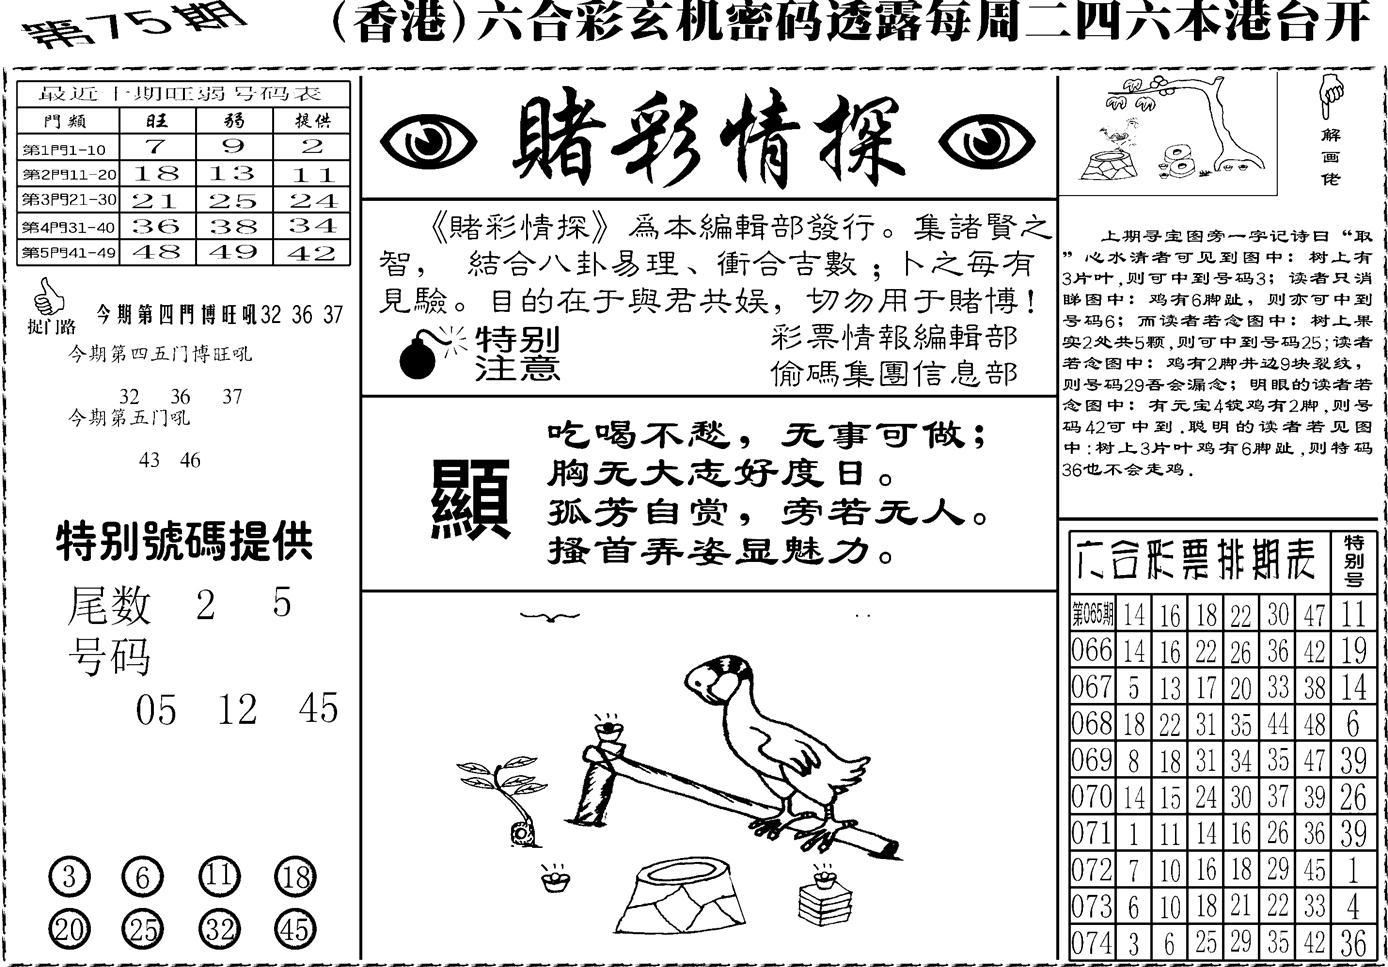 075期老版赌彩情探(黑白)